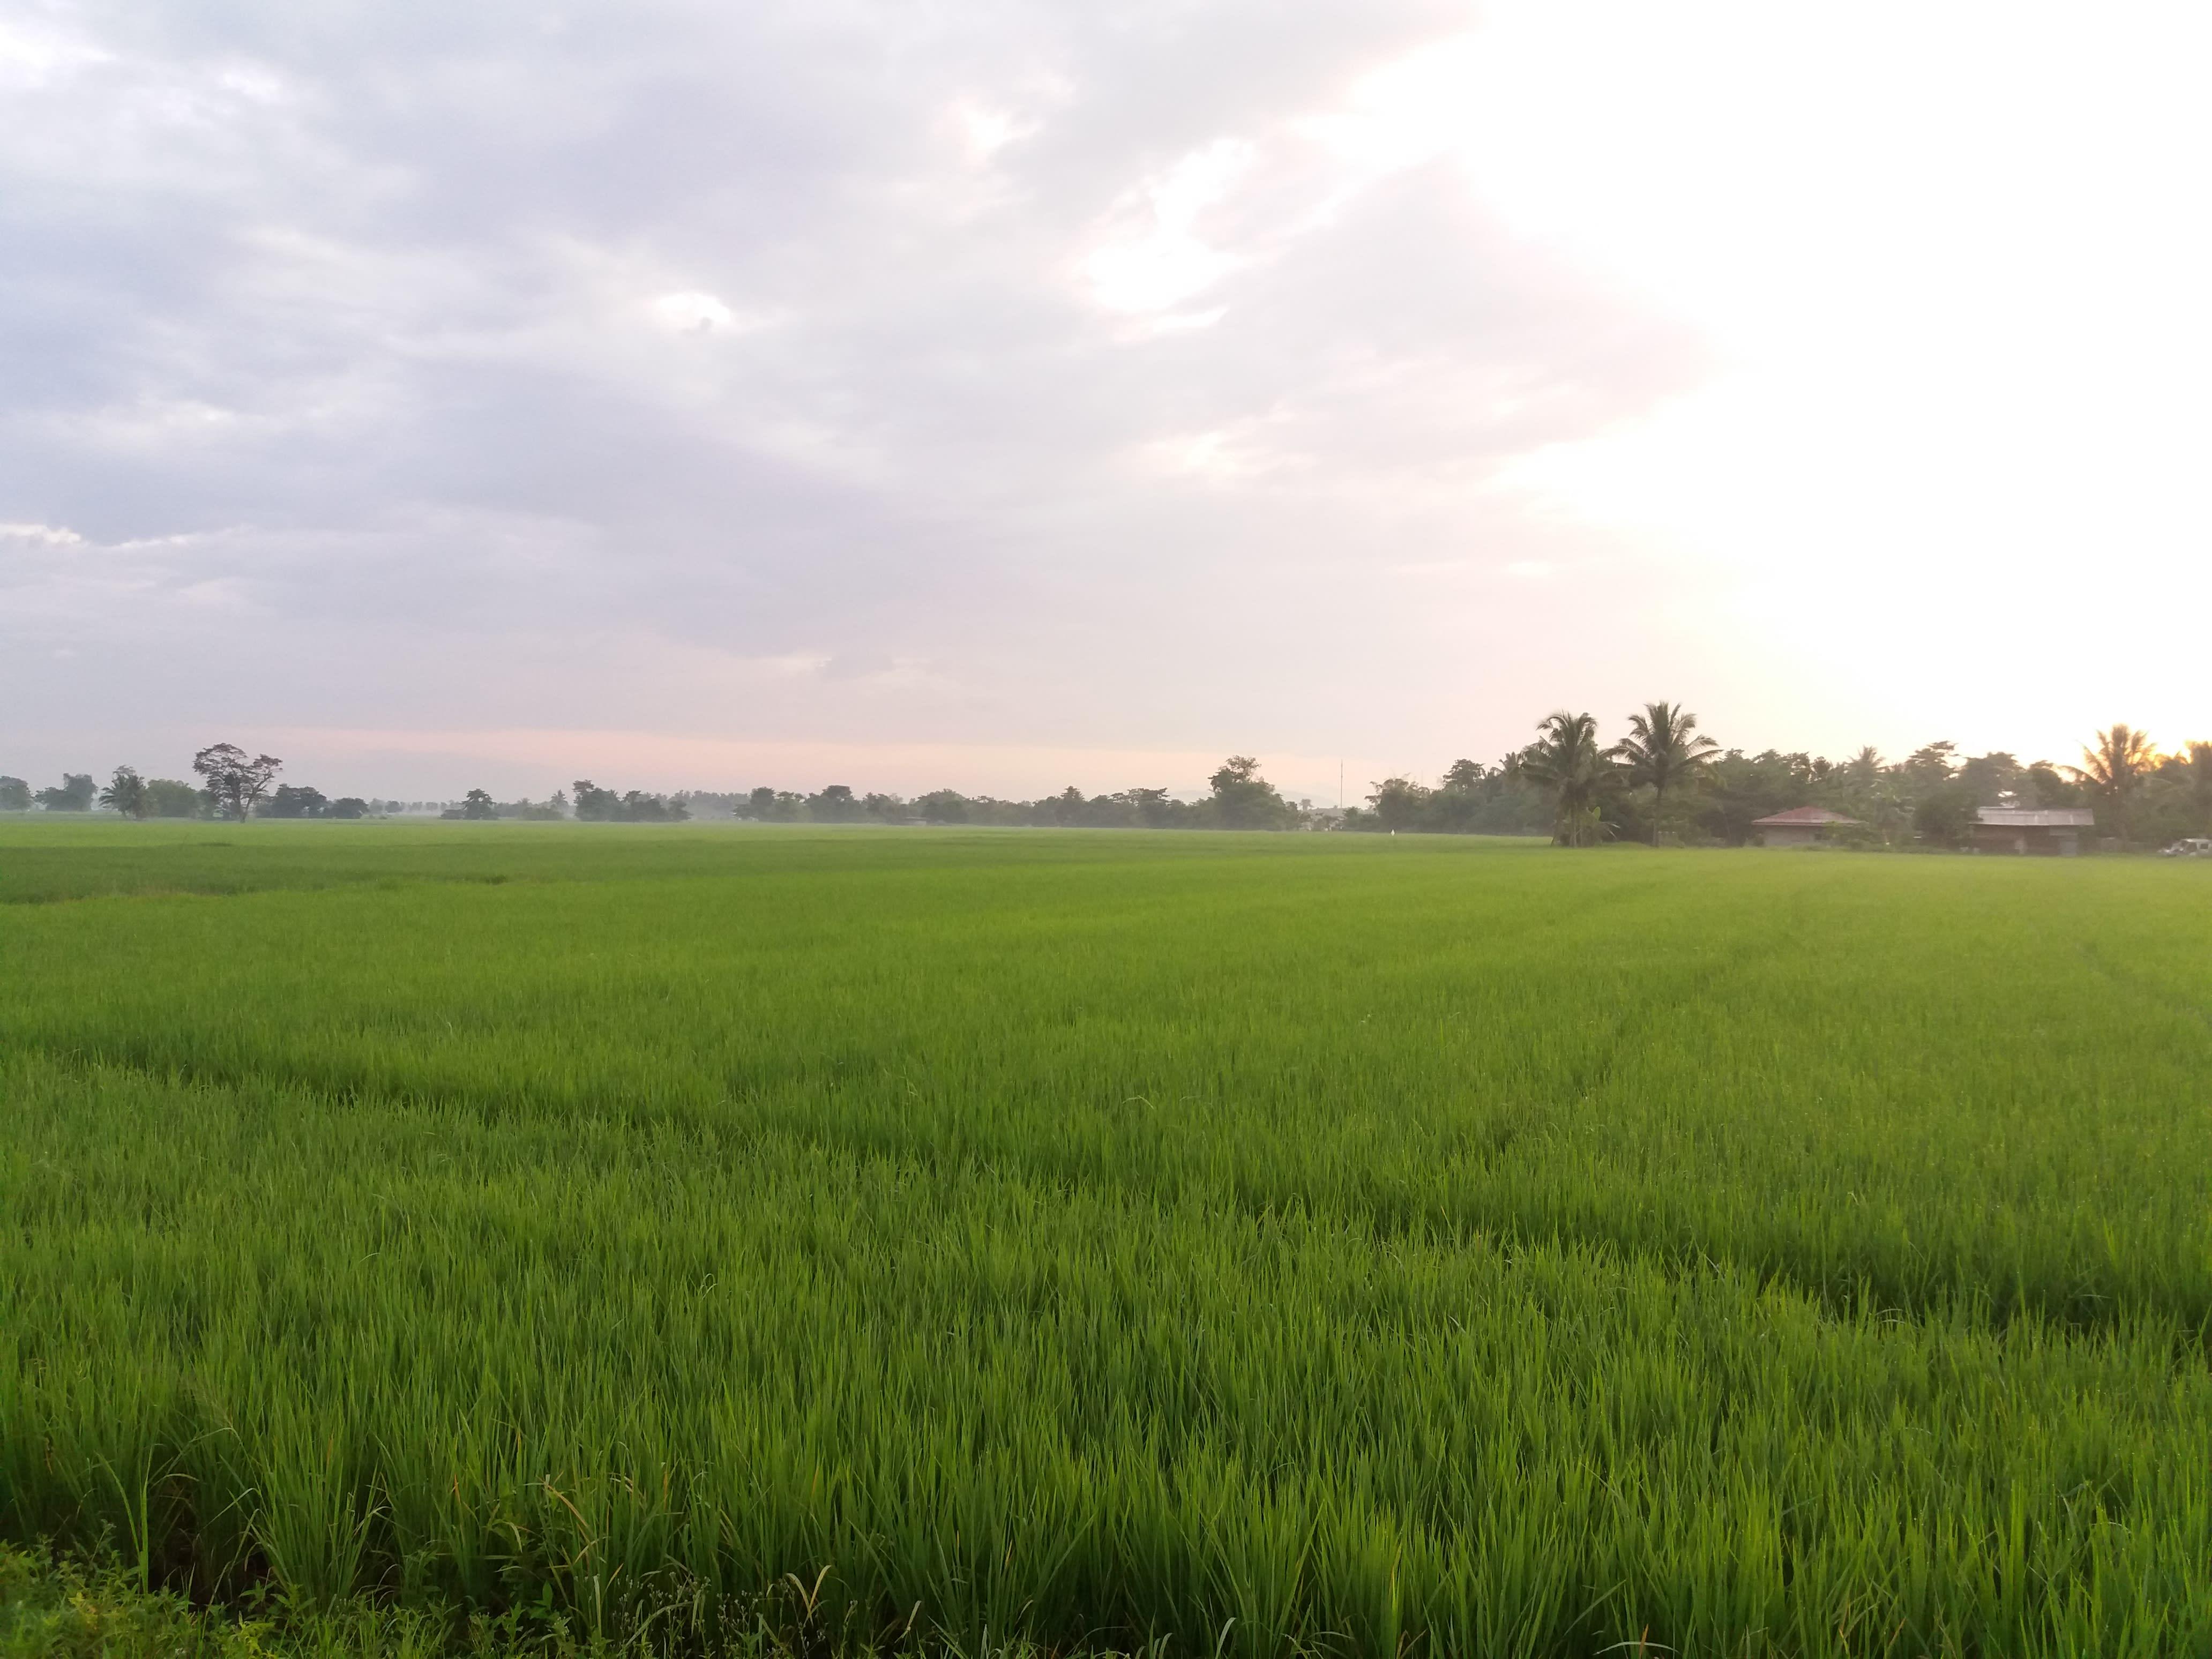 Mindoro Rice Land 2 hectares